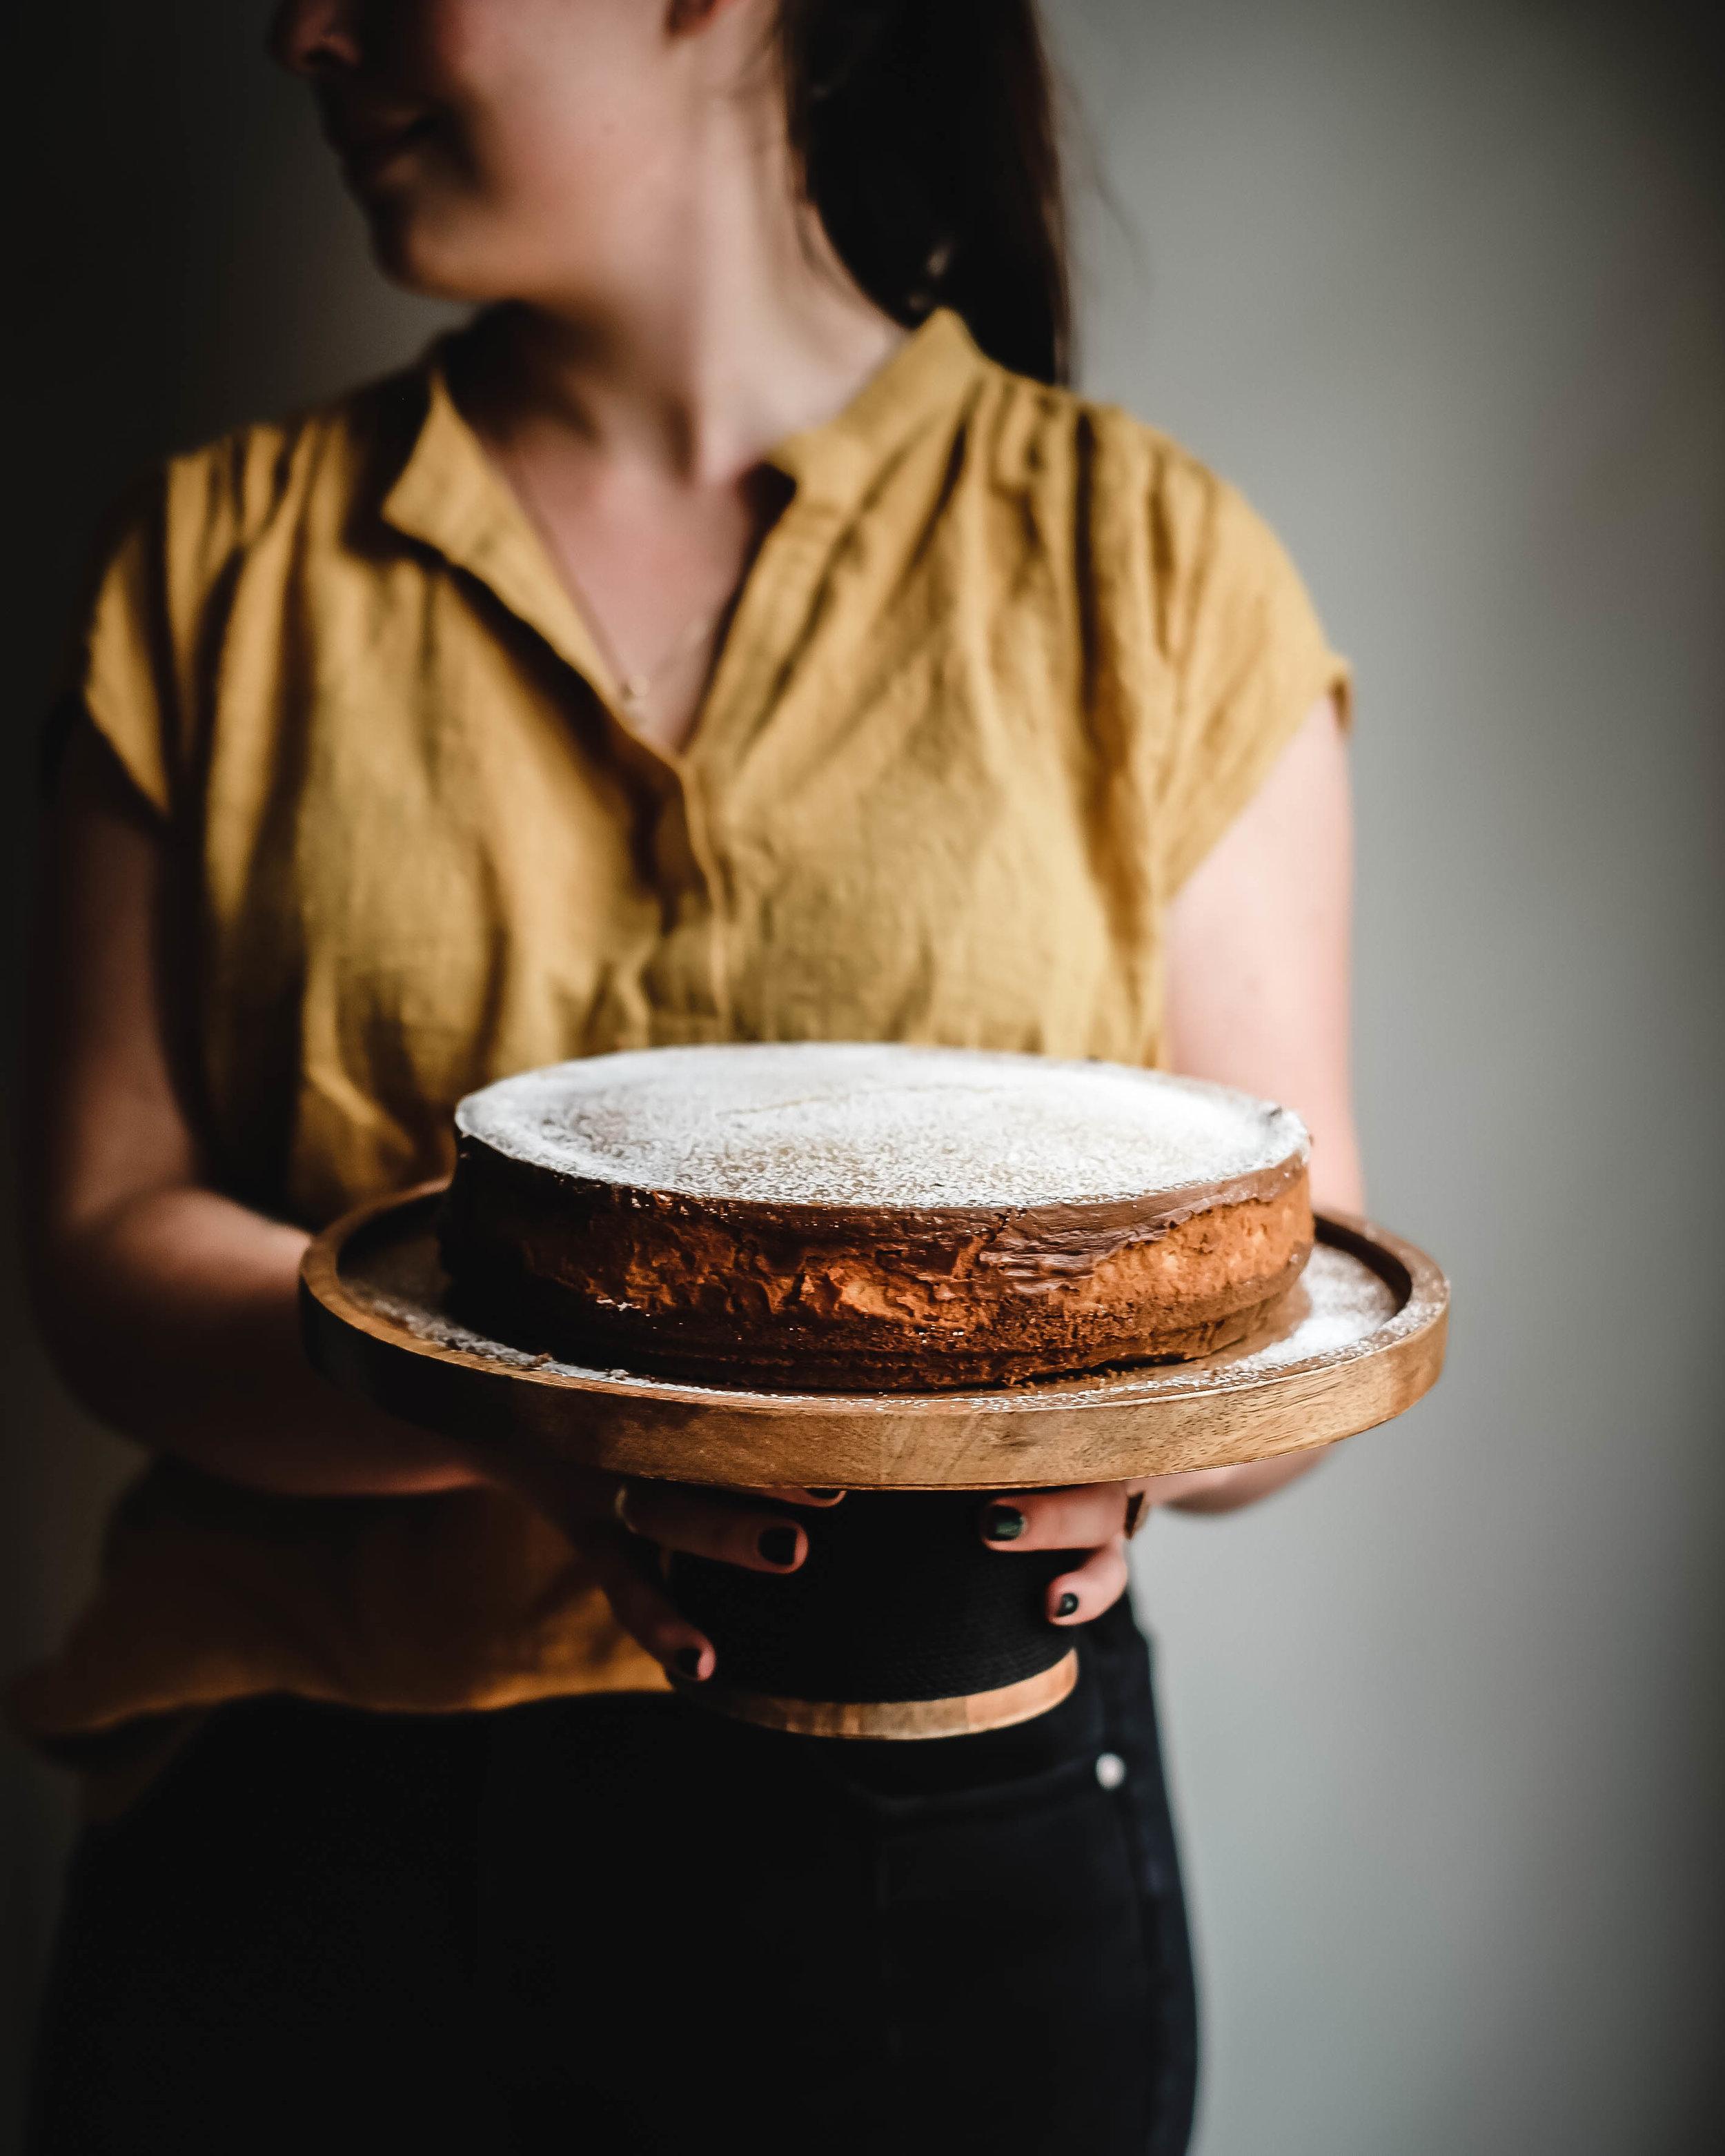 Vanilla Malted Milk Cheesecake